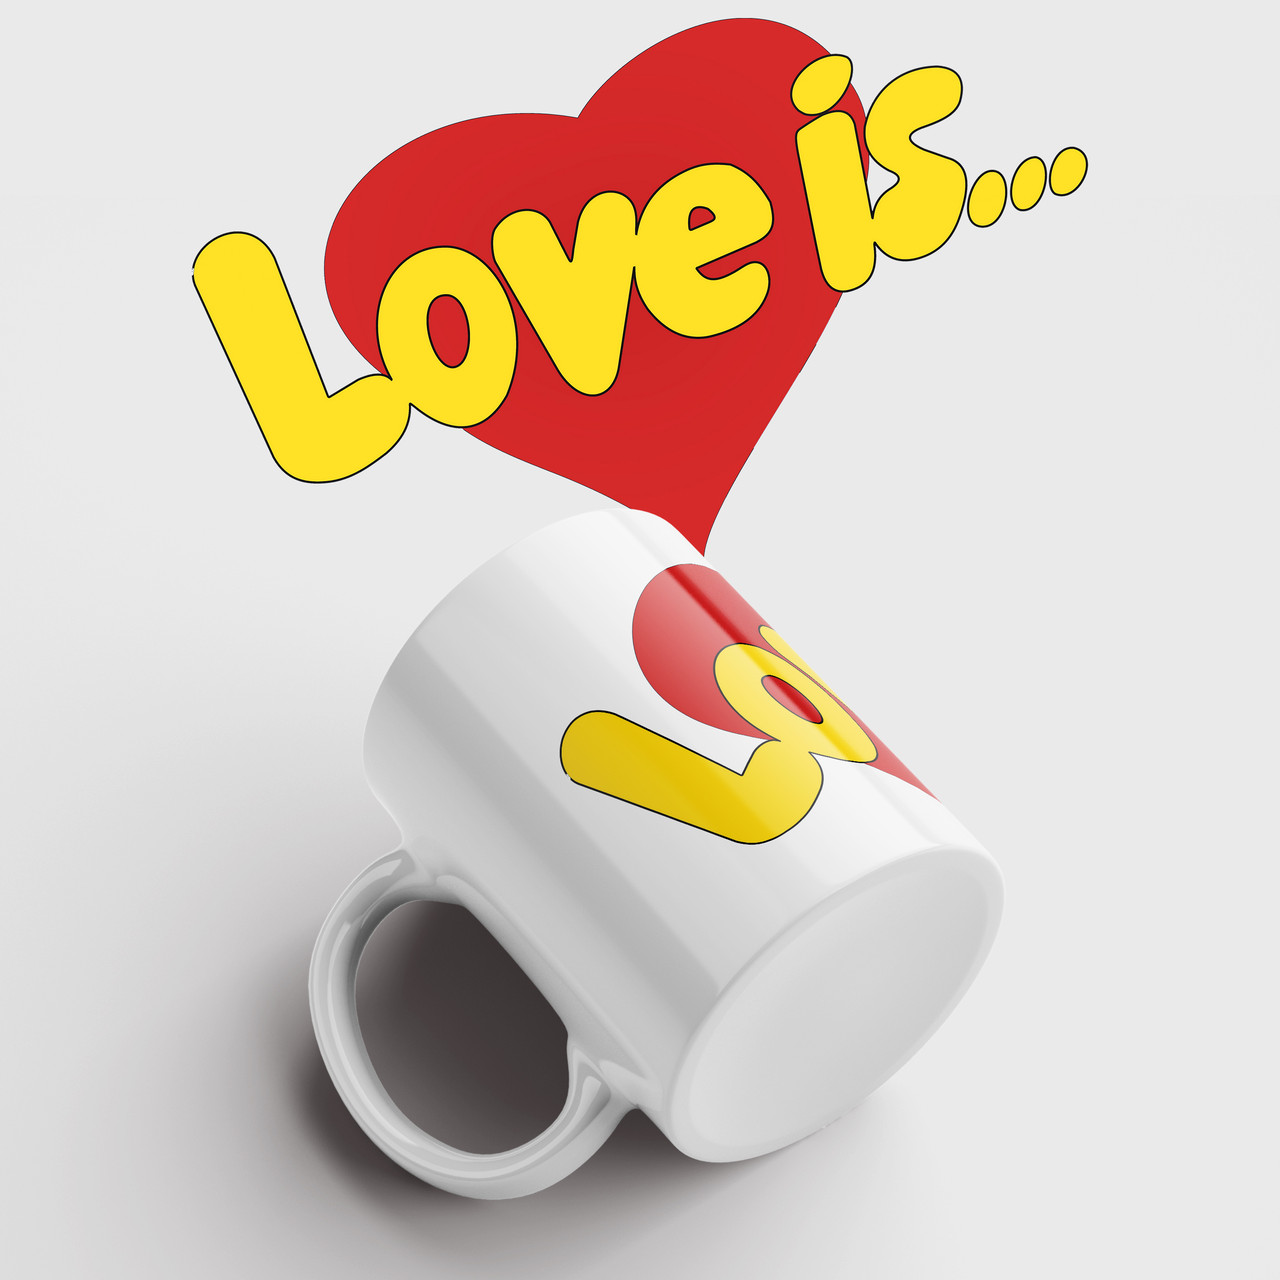 Кружка подарок Love is. Чашка с принтом Love is. Чашка с фото